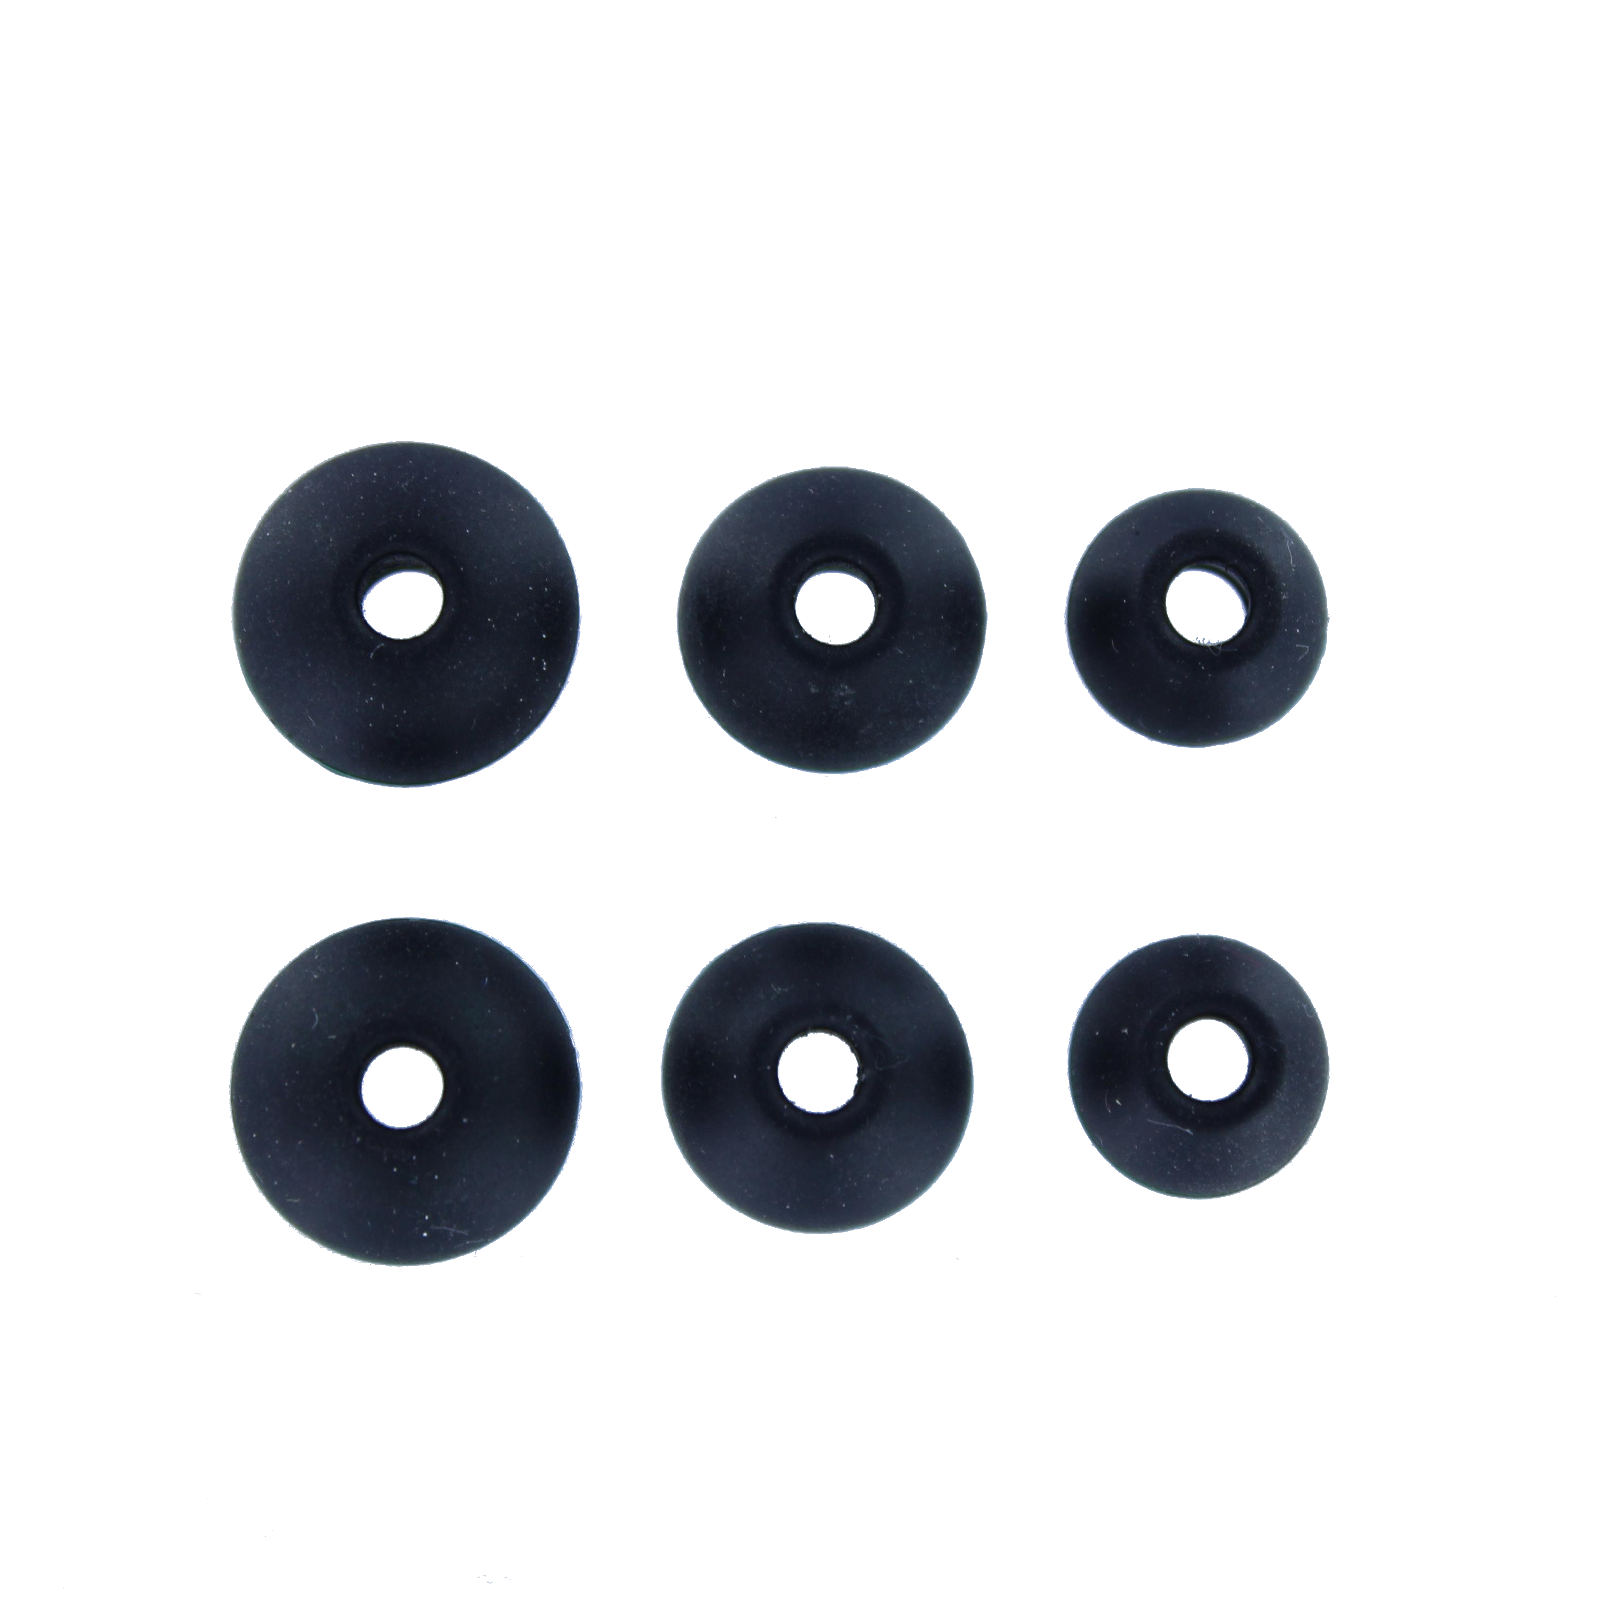 Ear tip set (S+M+L), N20 - Black - Hero